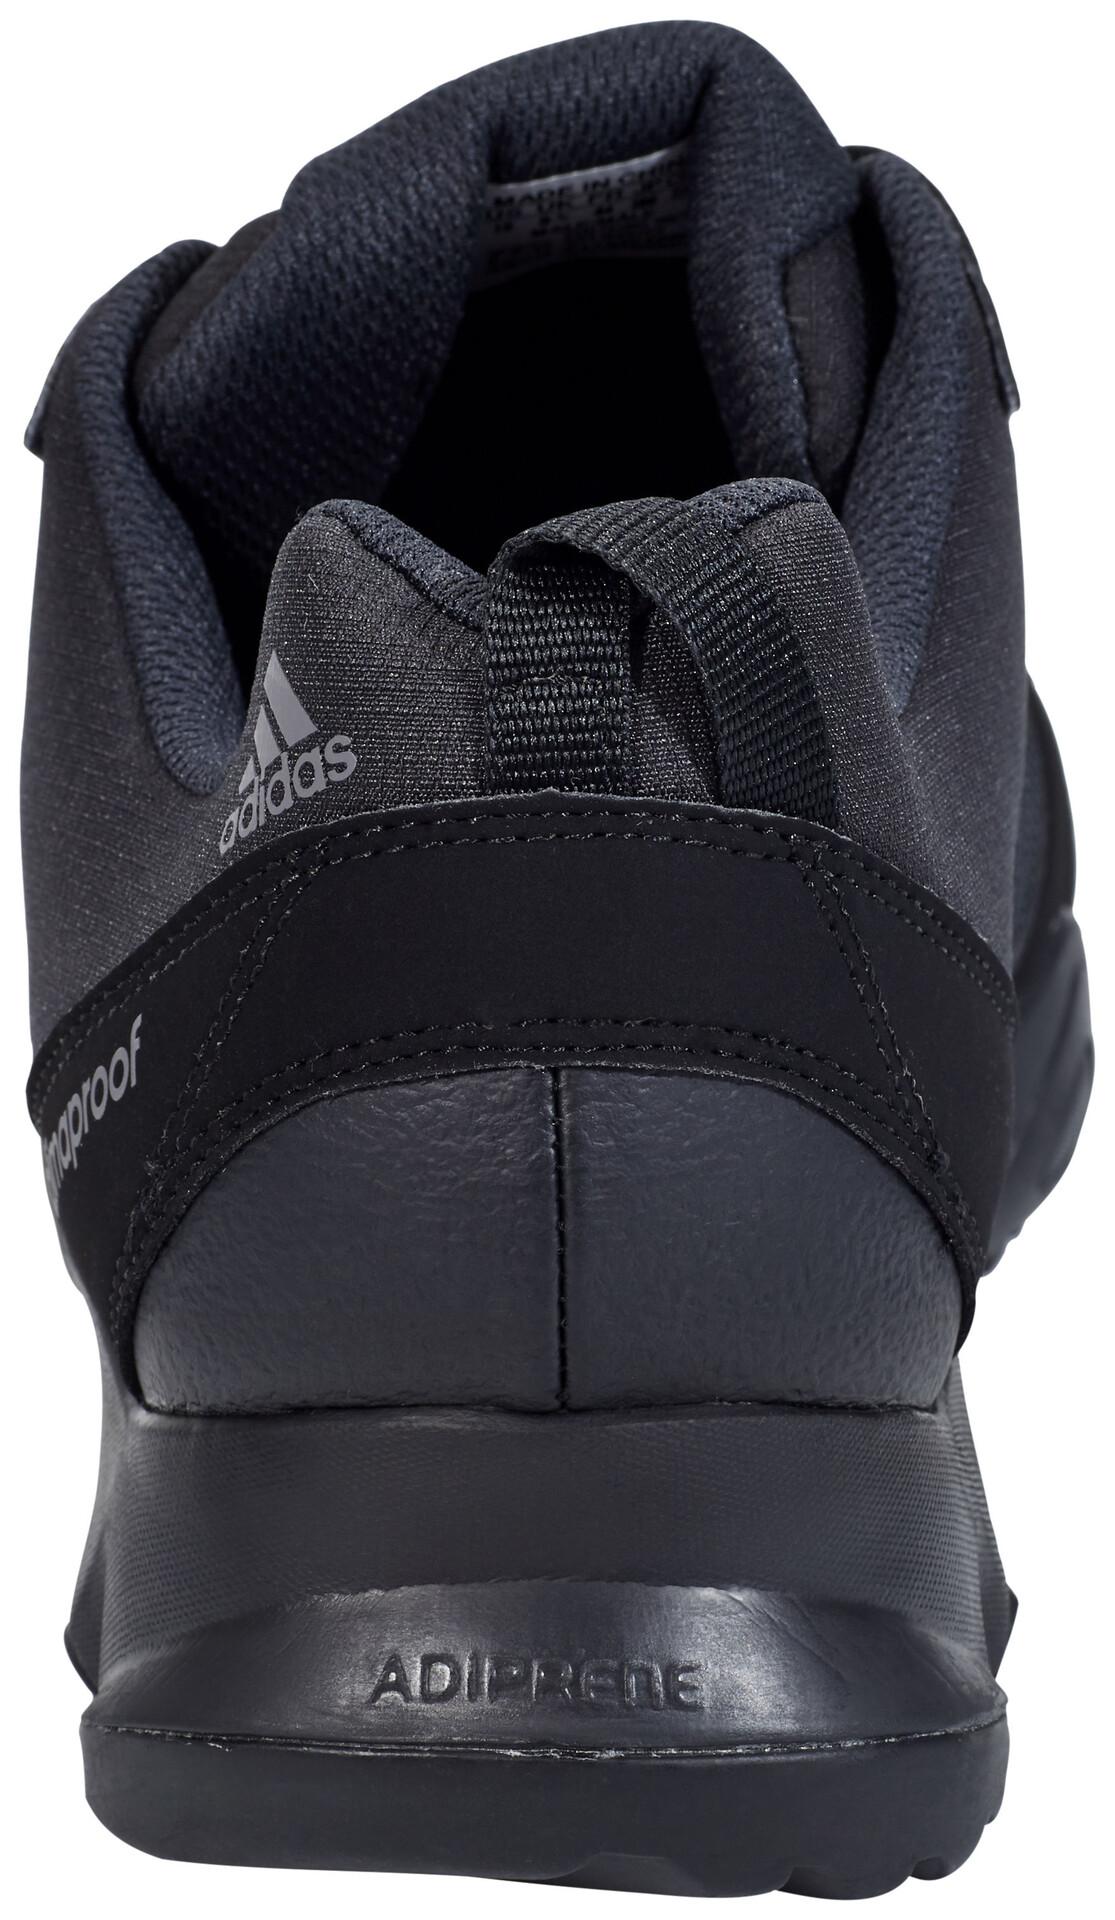 online store 83276 8cc29 ... canada adidas sur noir ax2 chaussures campz homme cp fr0fqt 3c368 cbcd3